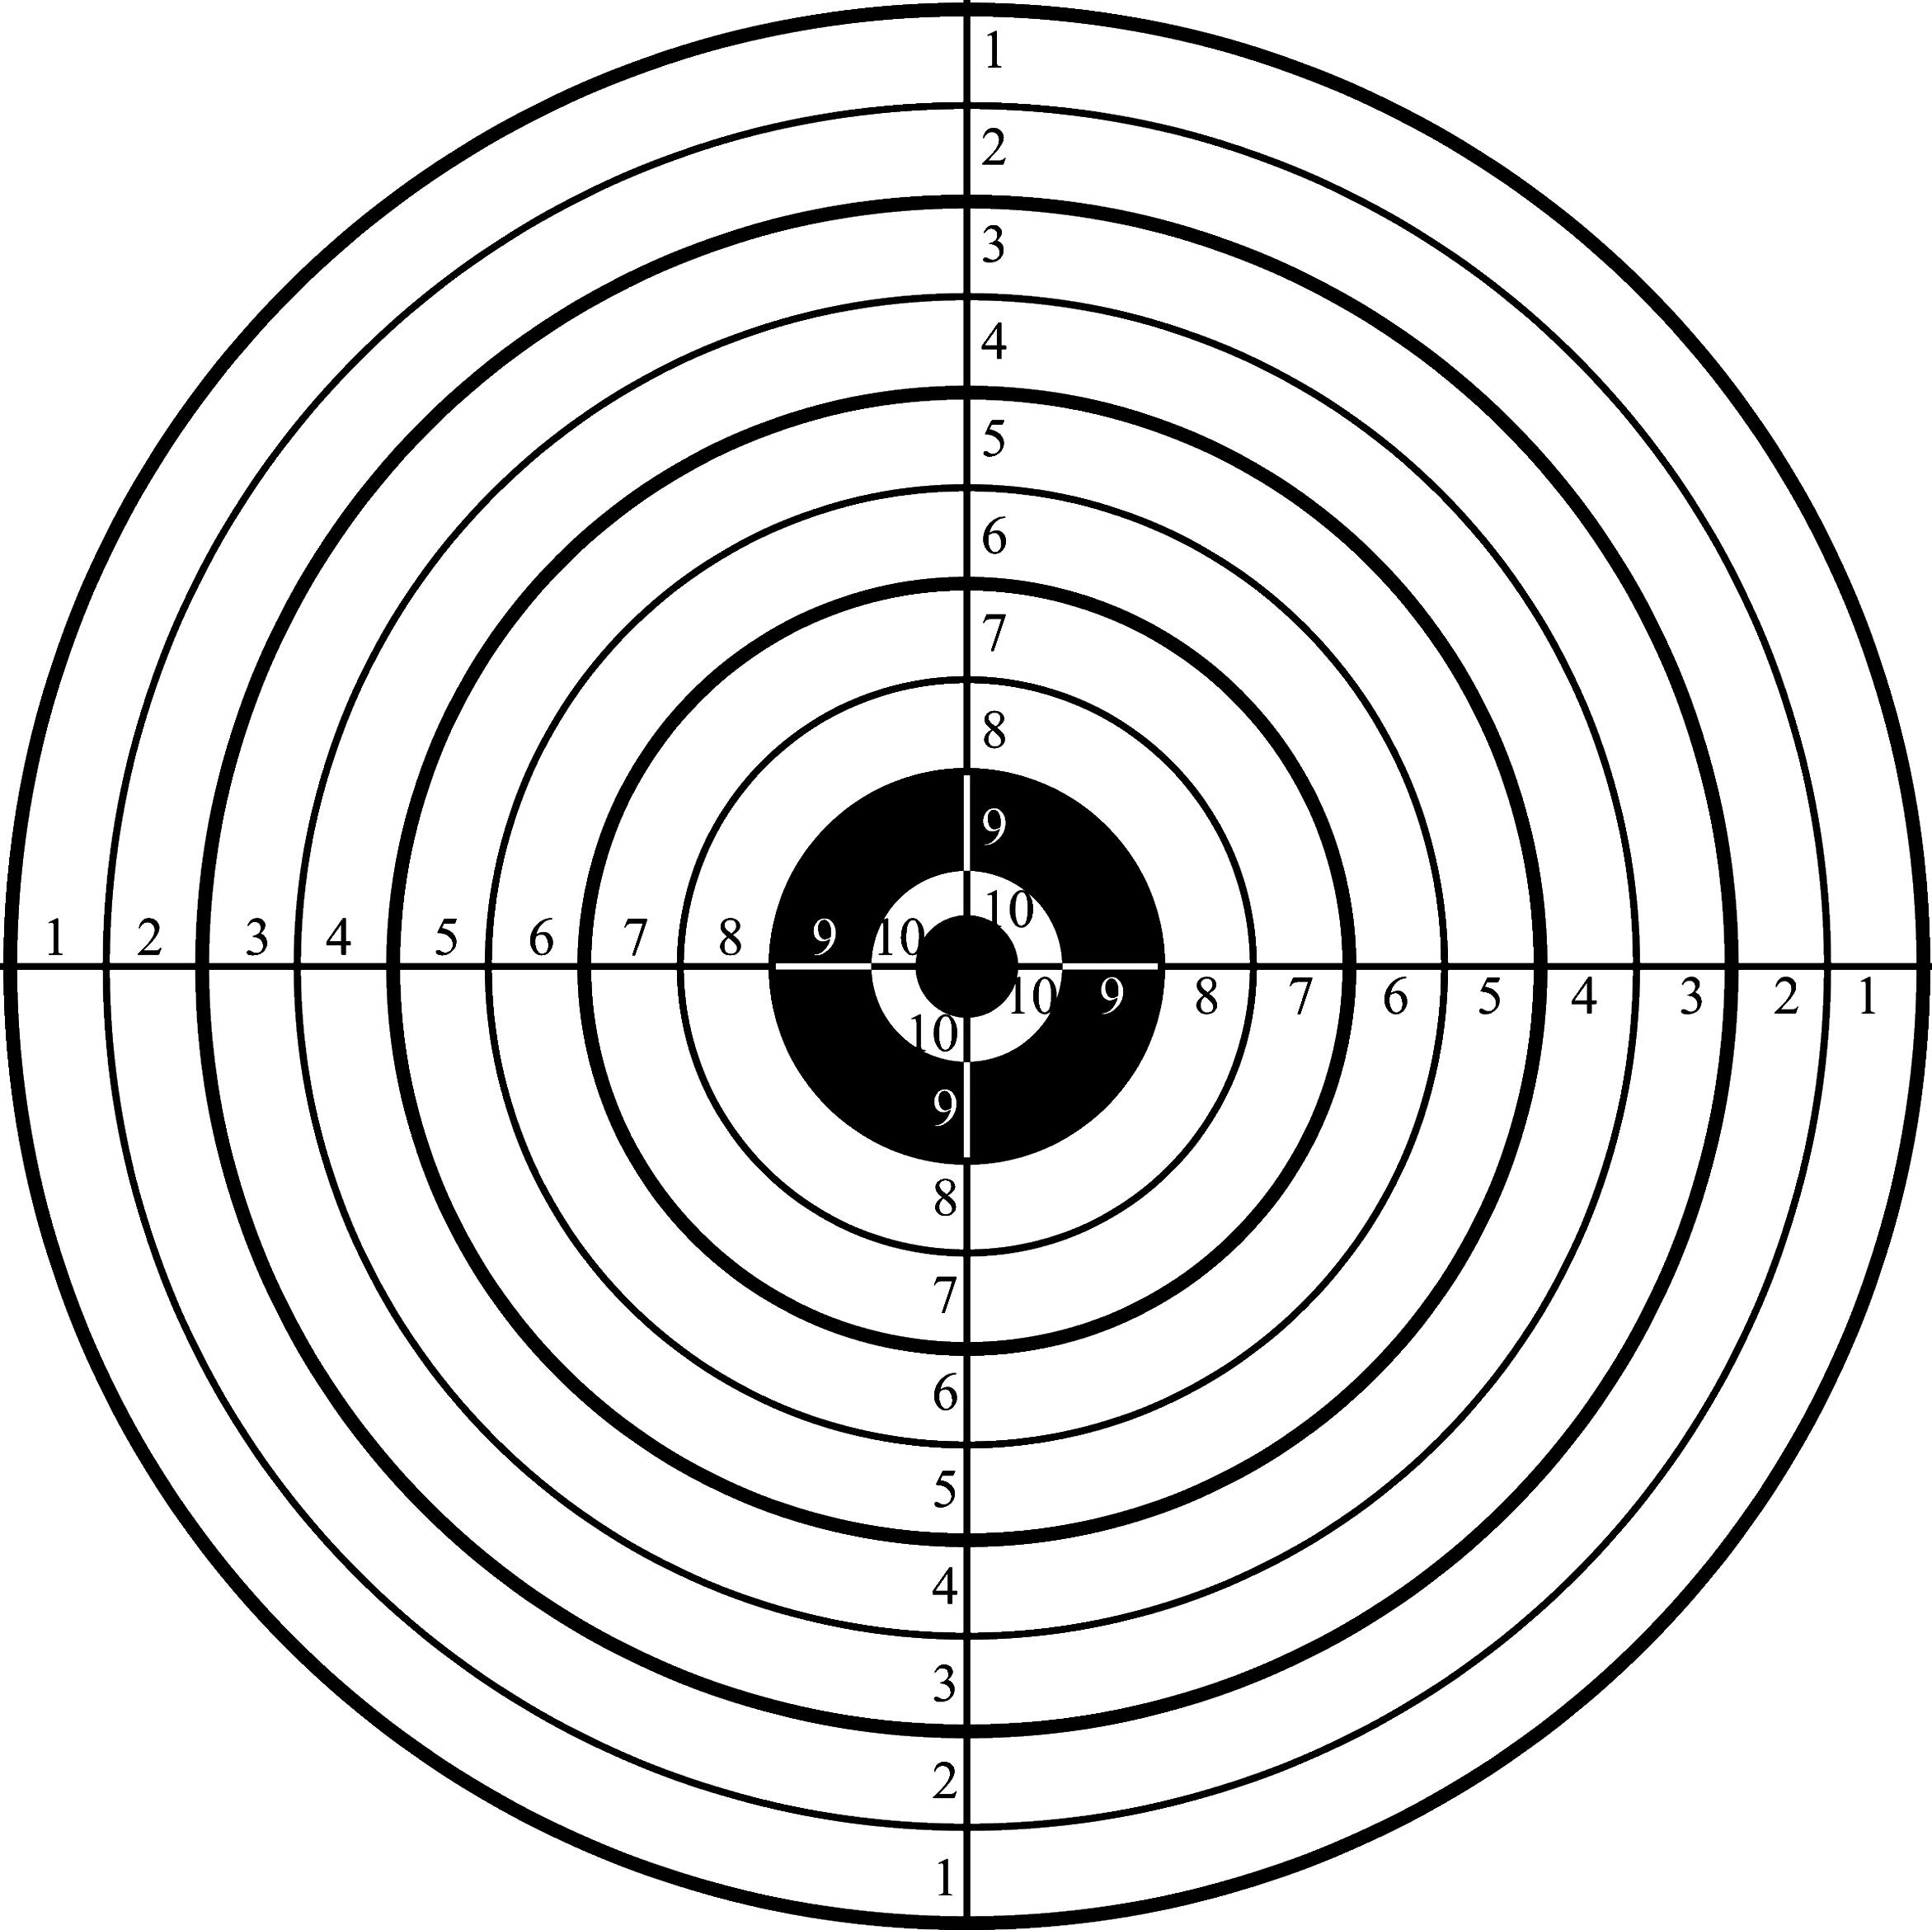 Printable Shooting Targets For Pistol, Rifle, Airgun, Archery - Free Printable Shooting Targets